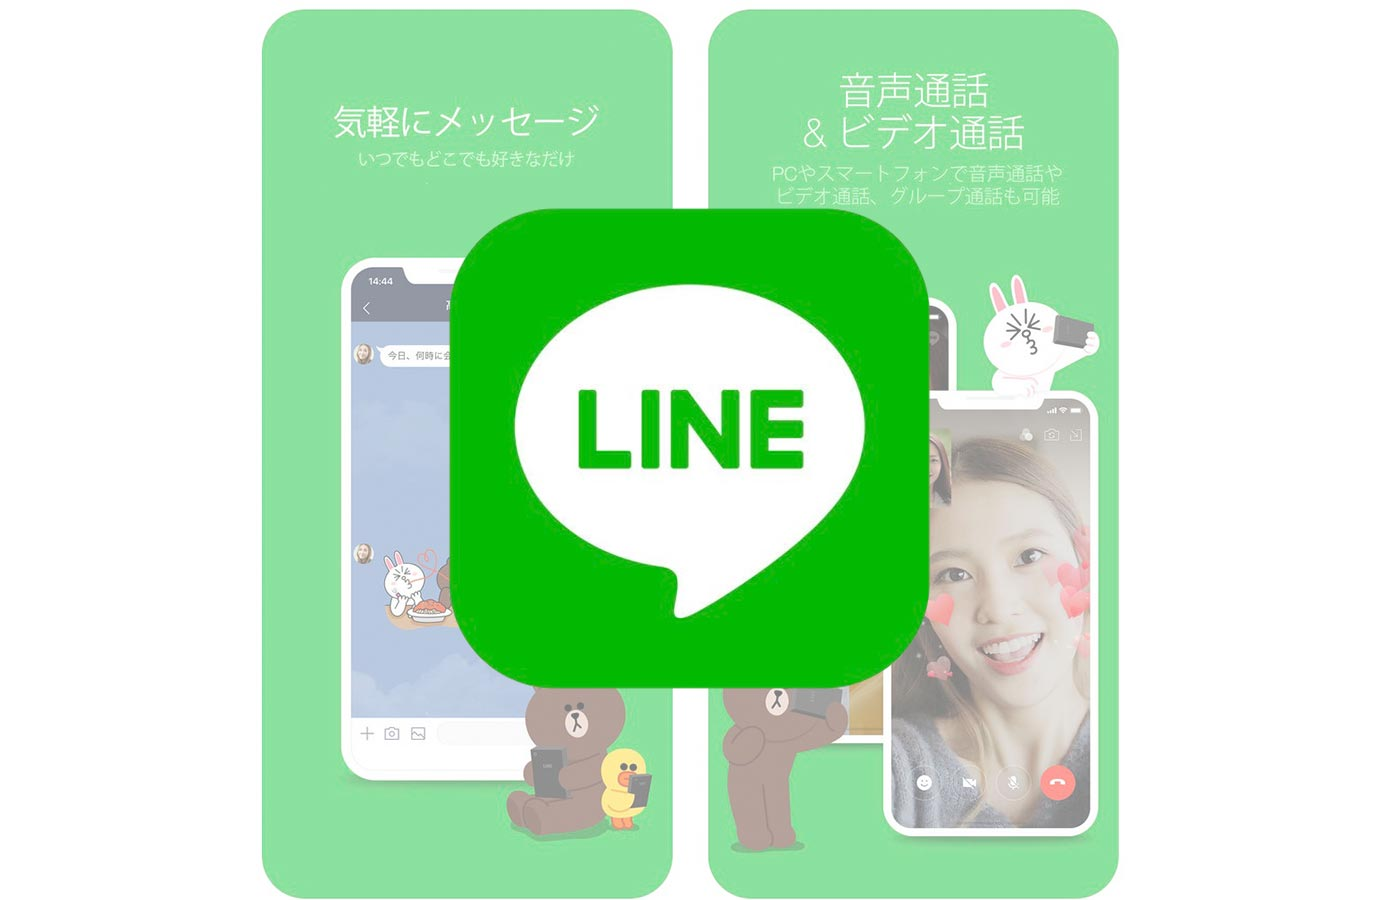 LINE、iOSアプリ「LINE 8.19.0」リリース ー 不具合の修正など